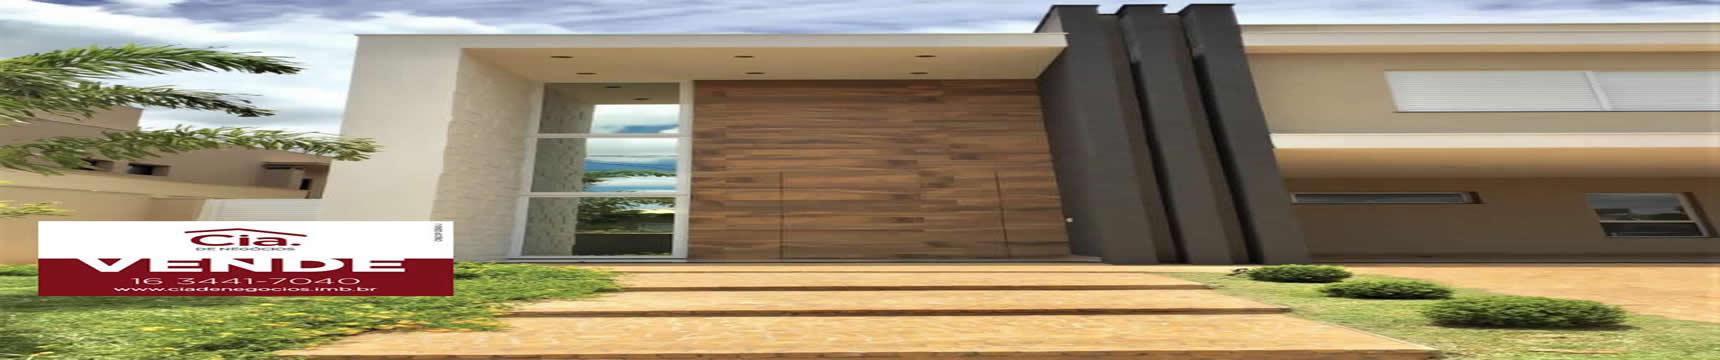 Cia de Negócios - Imobiliária em Ribeirão Preto - Casa - Recreio das Acácias - Ribeirão Preto